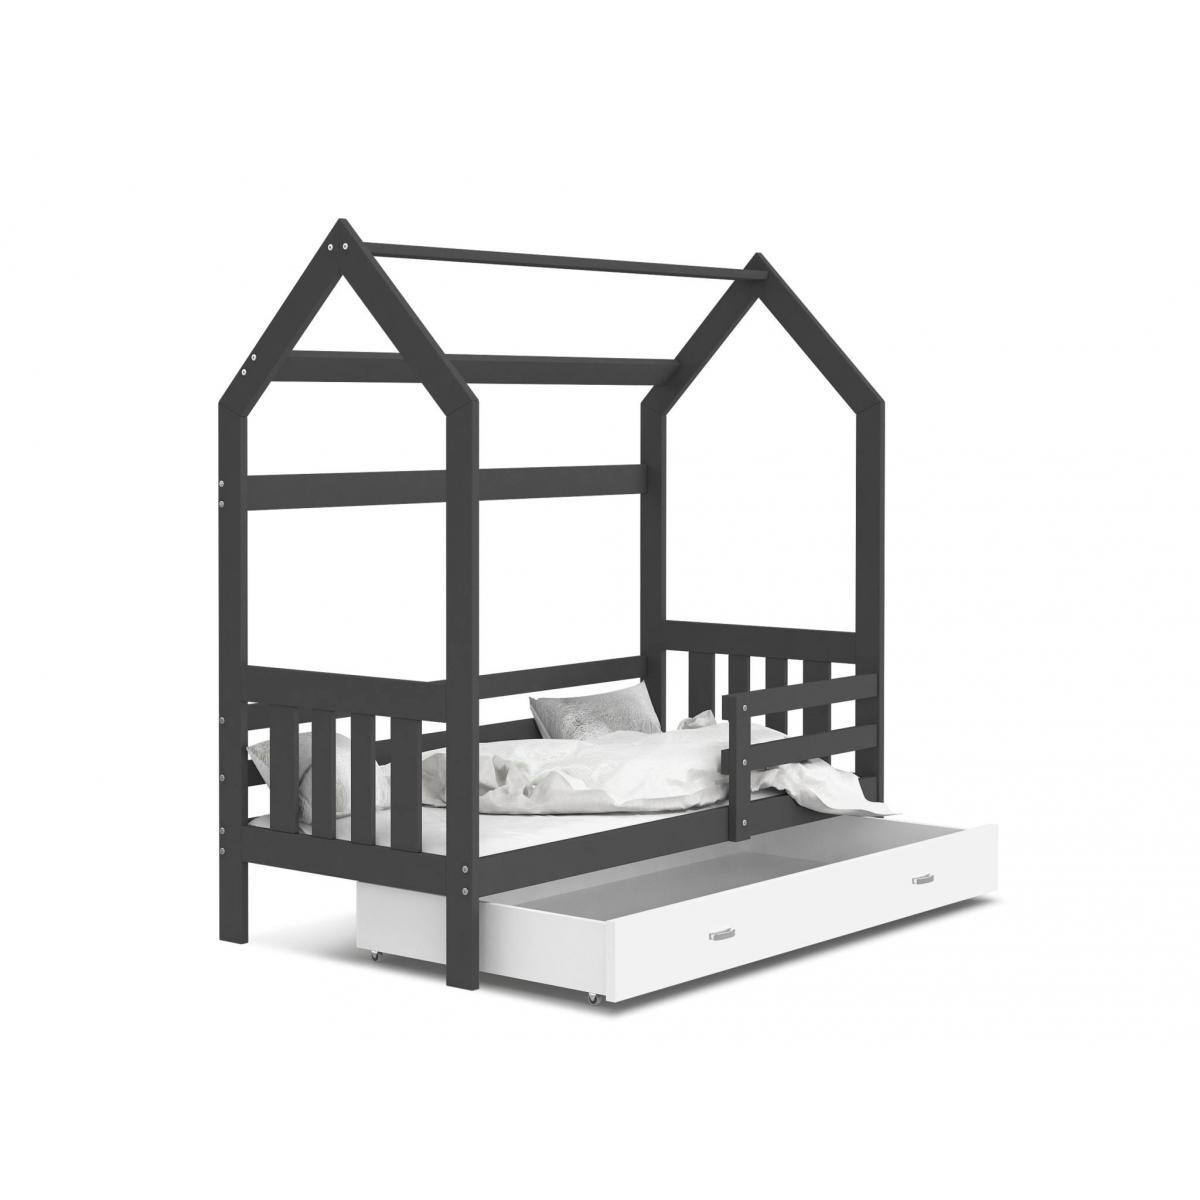 Kids Literie Lit cabane 2 Gris-Blanc 80x160livré avec sommier, tiroir et matelas de 7cm OFFERT.